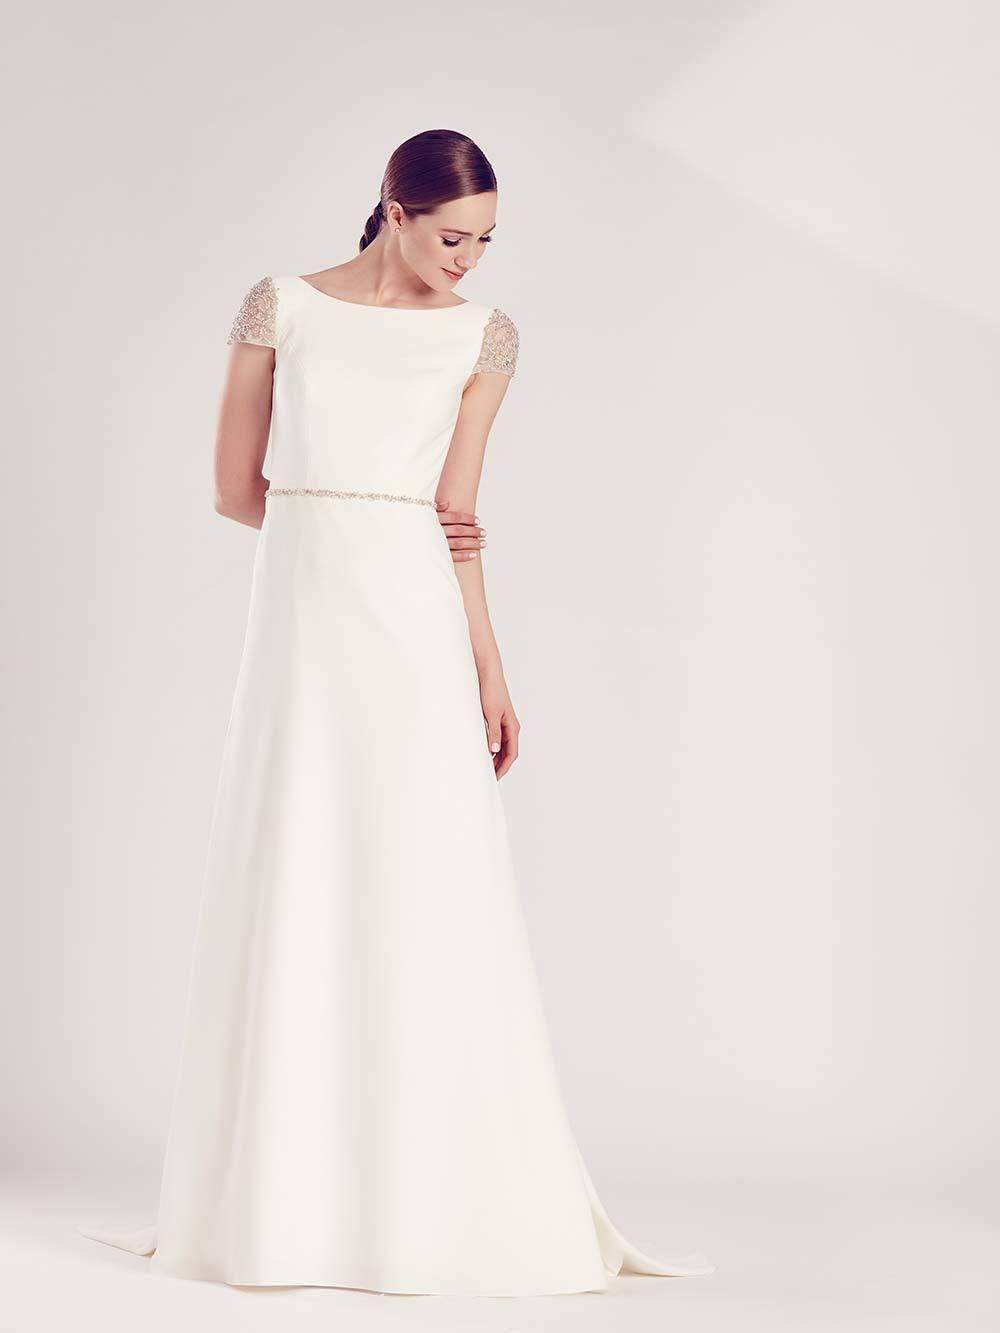 Brautkleid Eliza von Marylise auf Ja.de